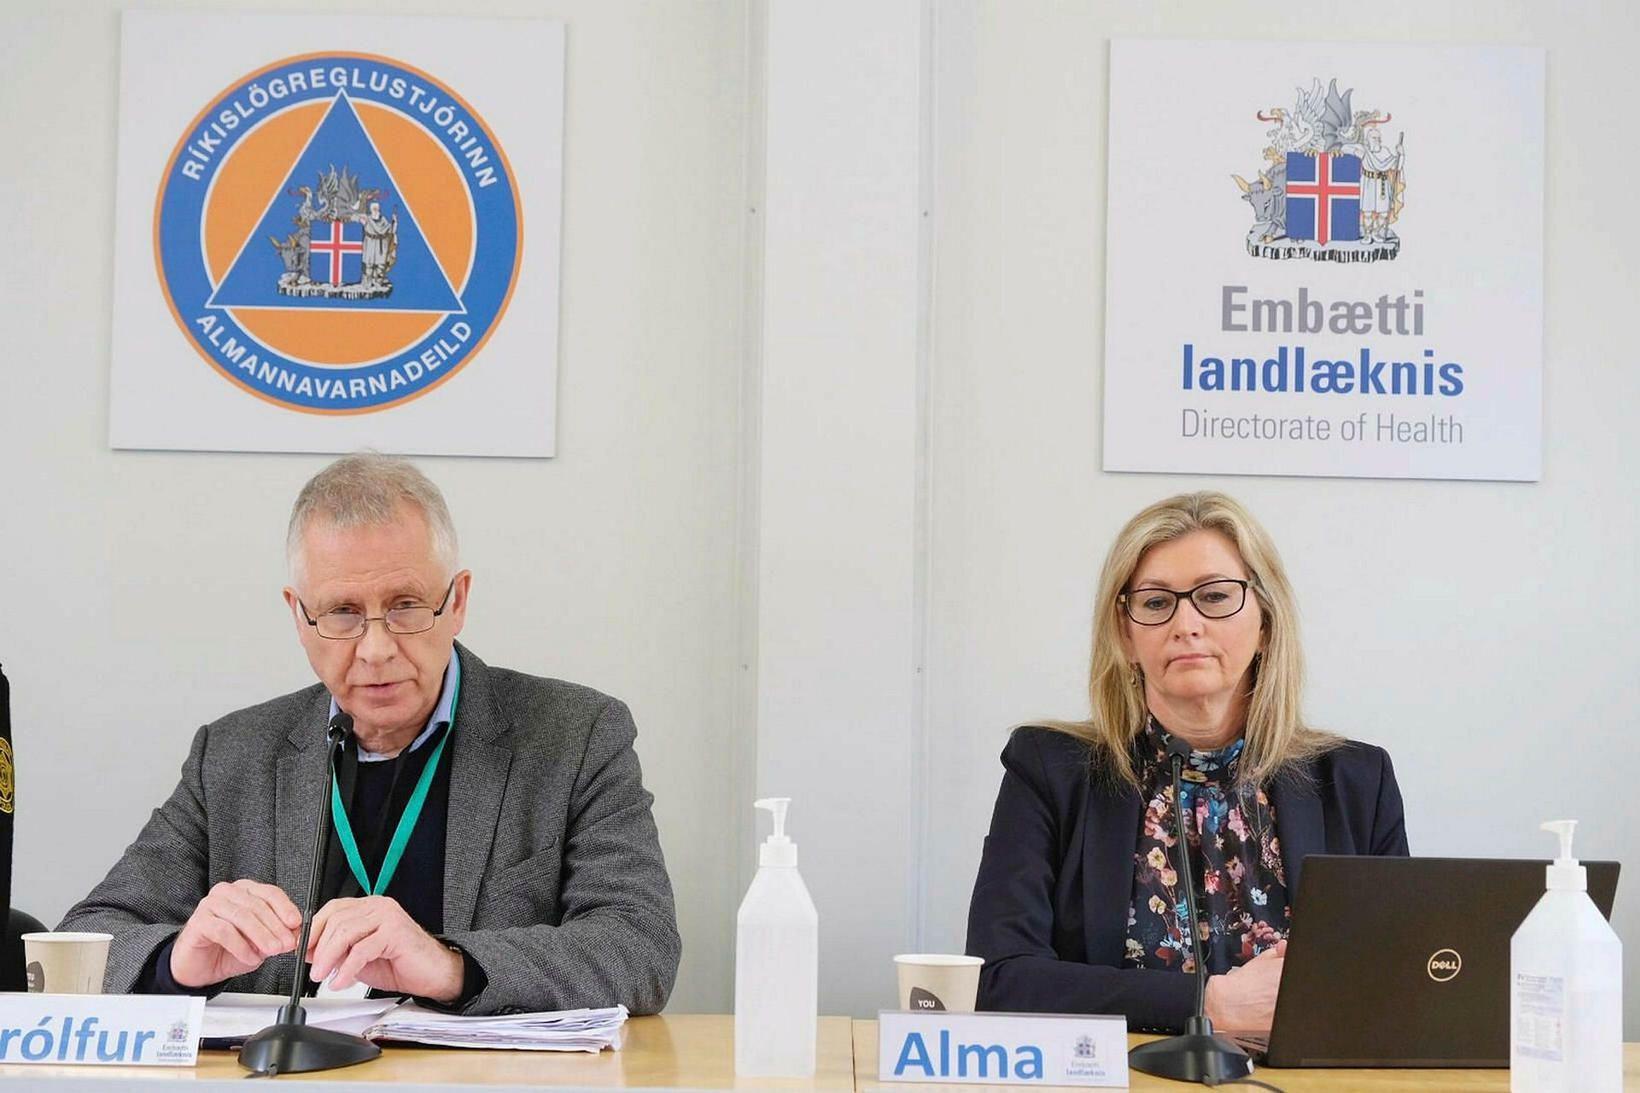 Þórólfur Guðnason, sóttvarnalæknir, og Alma D. Möller, landlæknir.